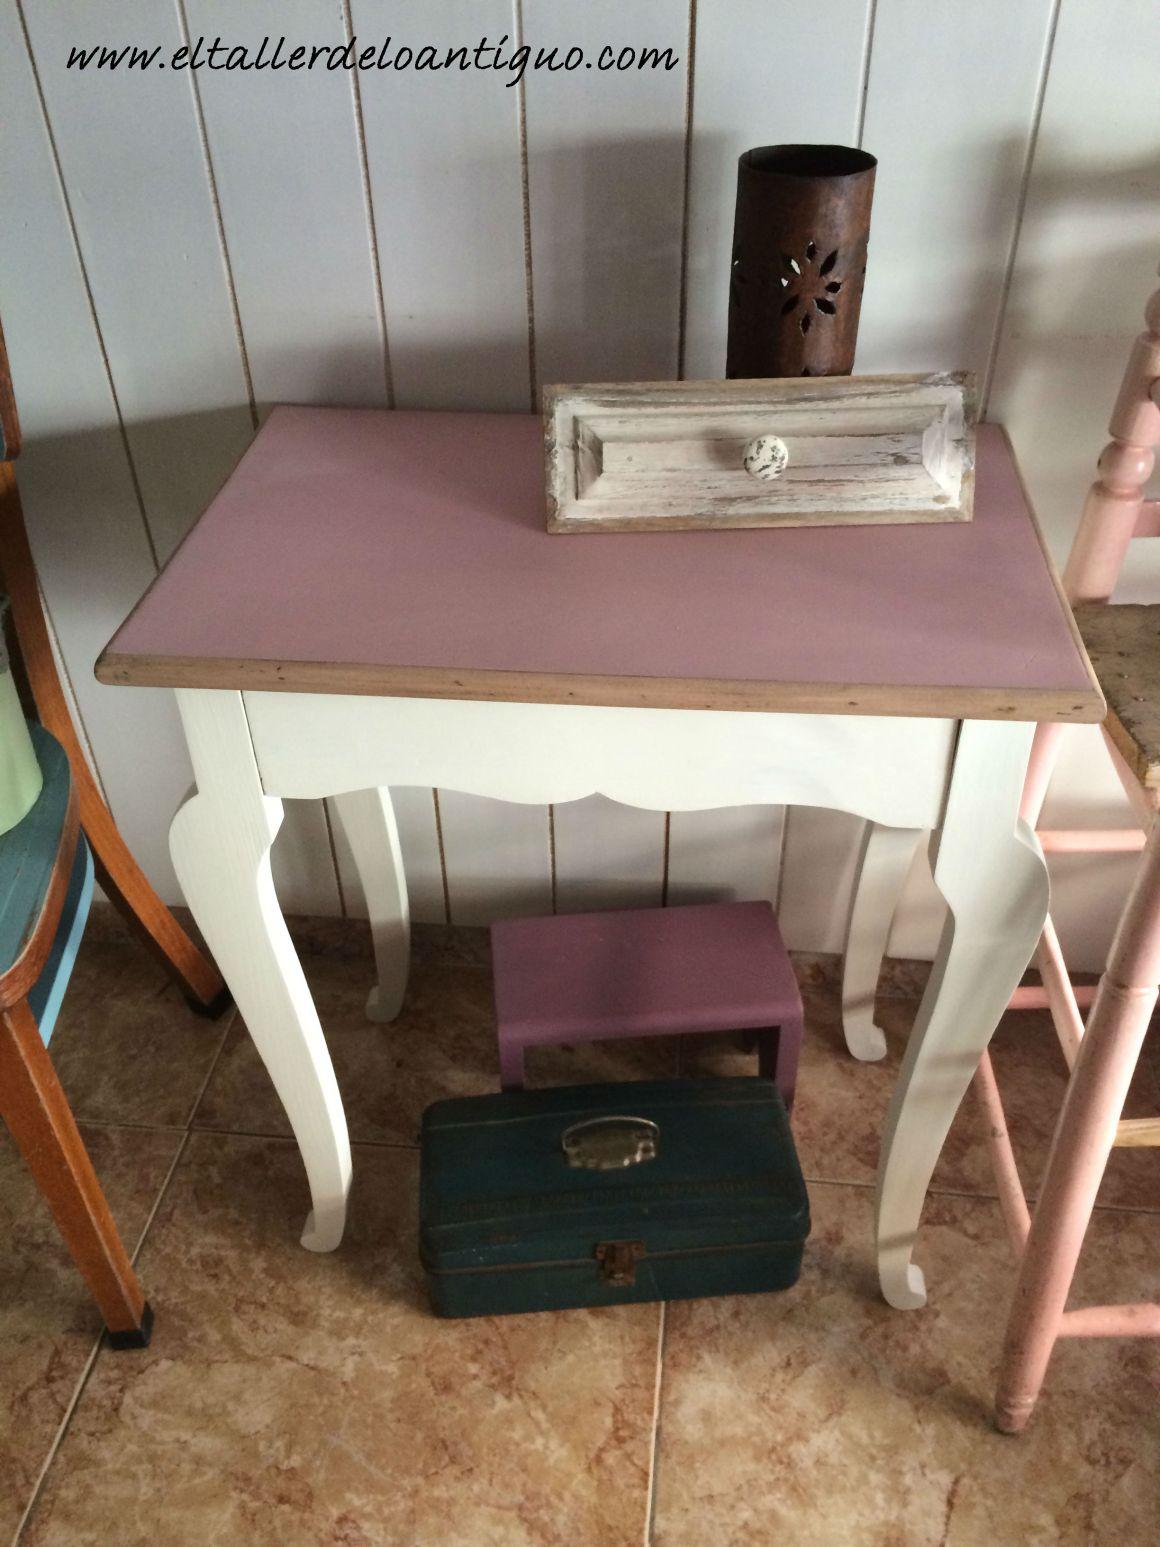 Diy pintar mesita auxiliar el taller de lo antiguo for Como pintar una mesa de madera